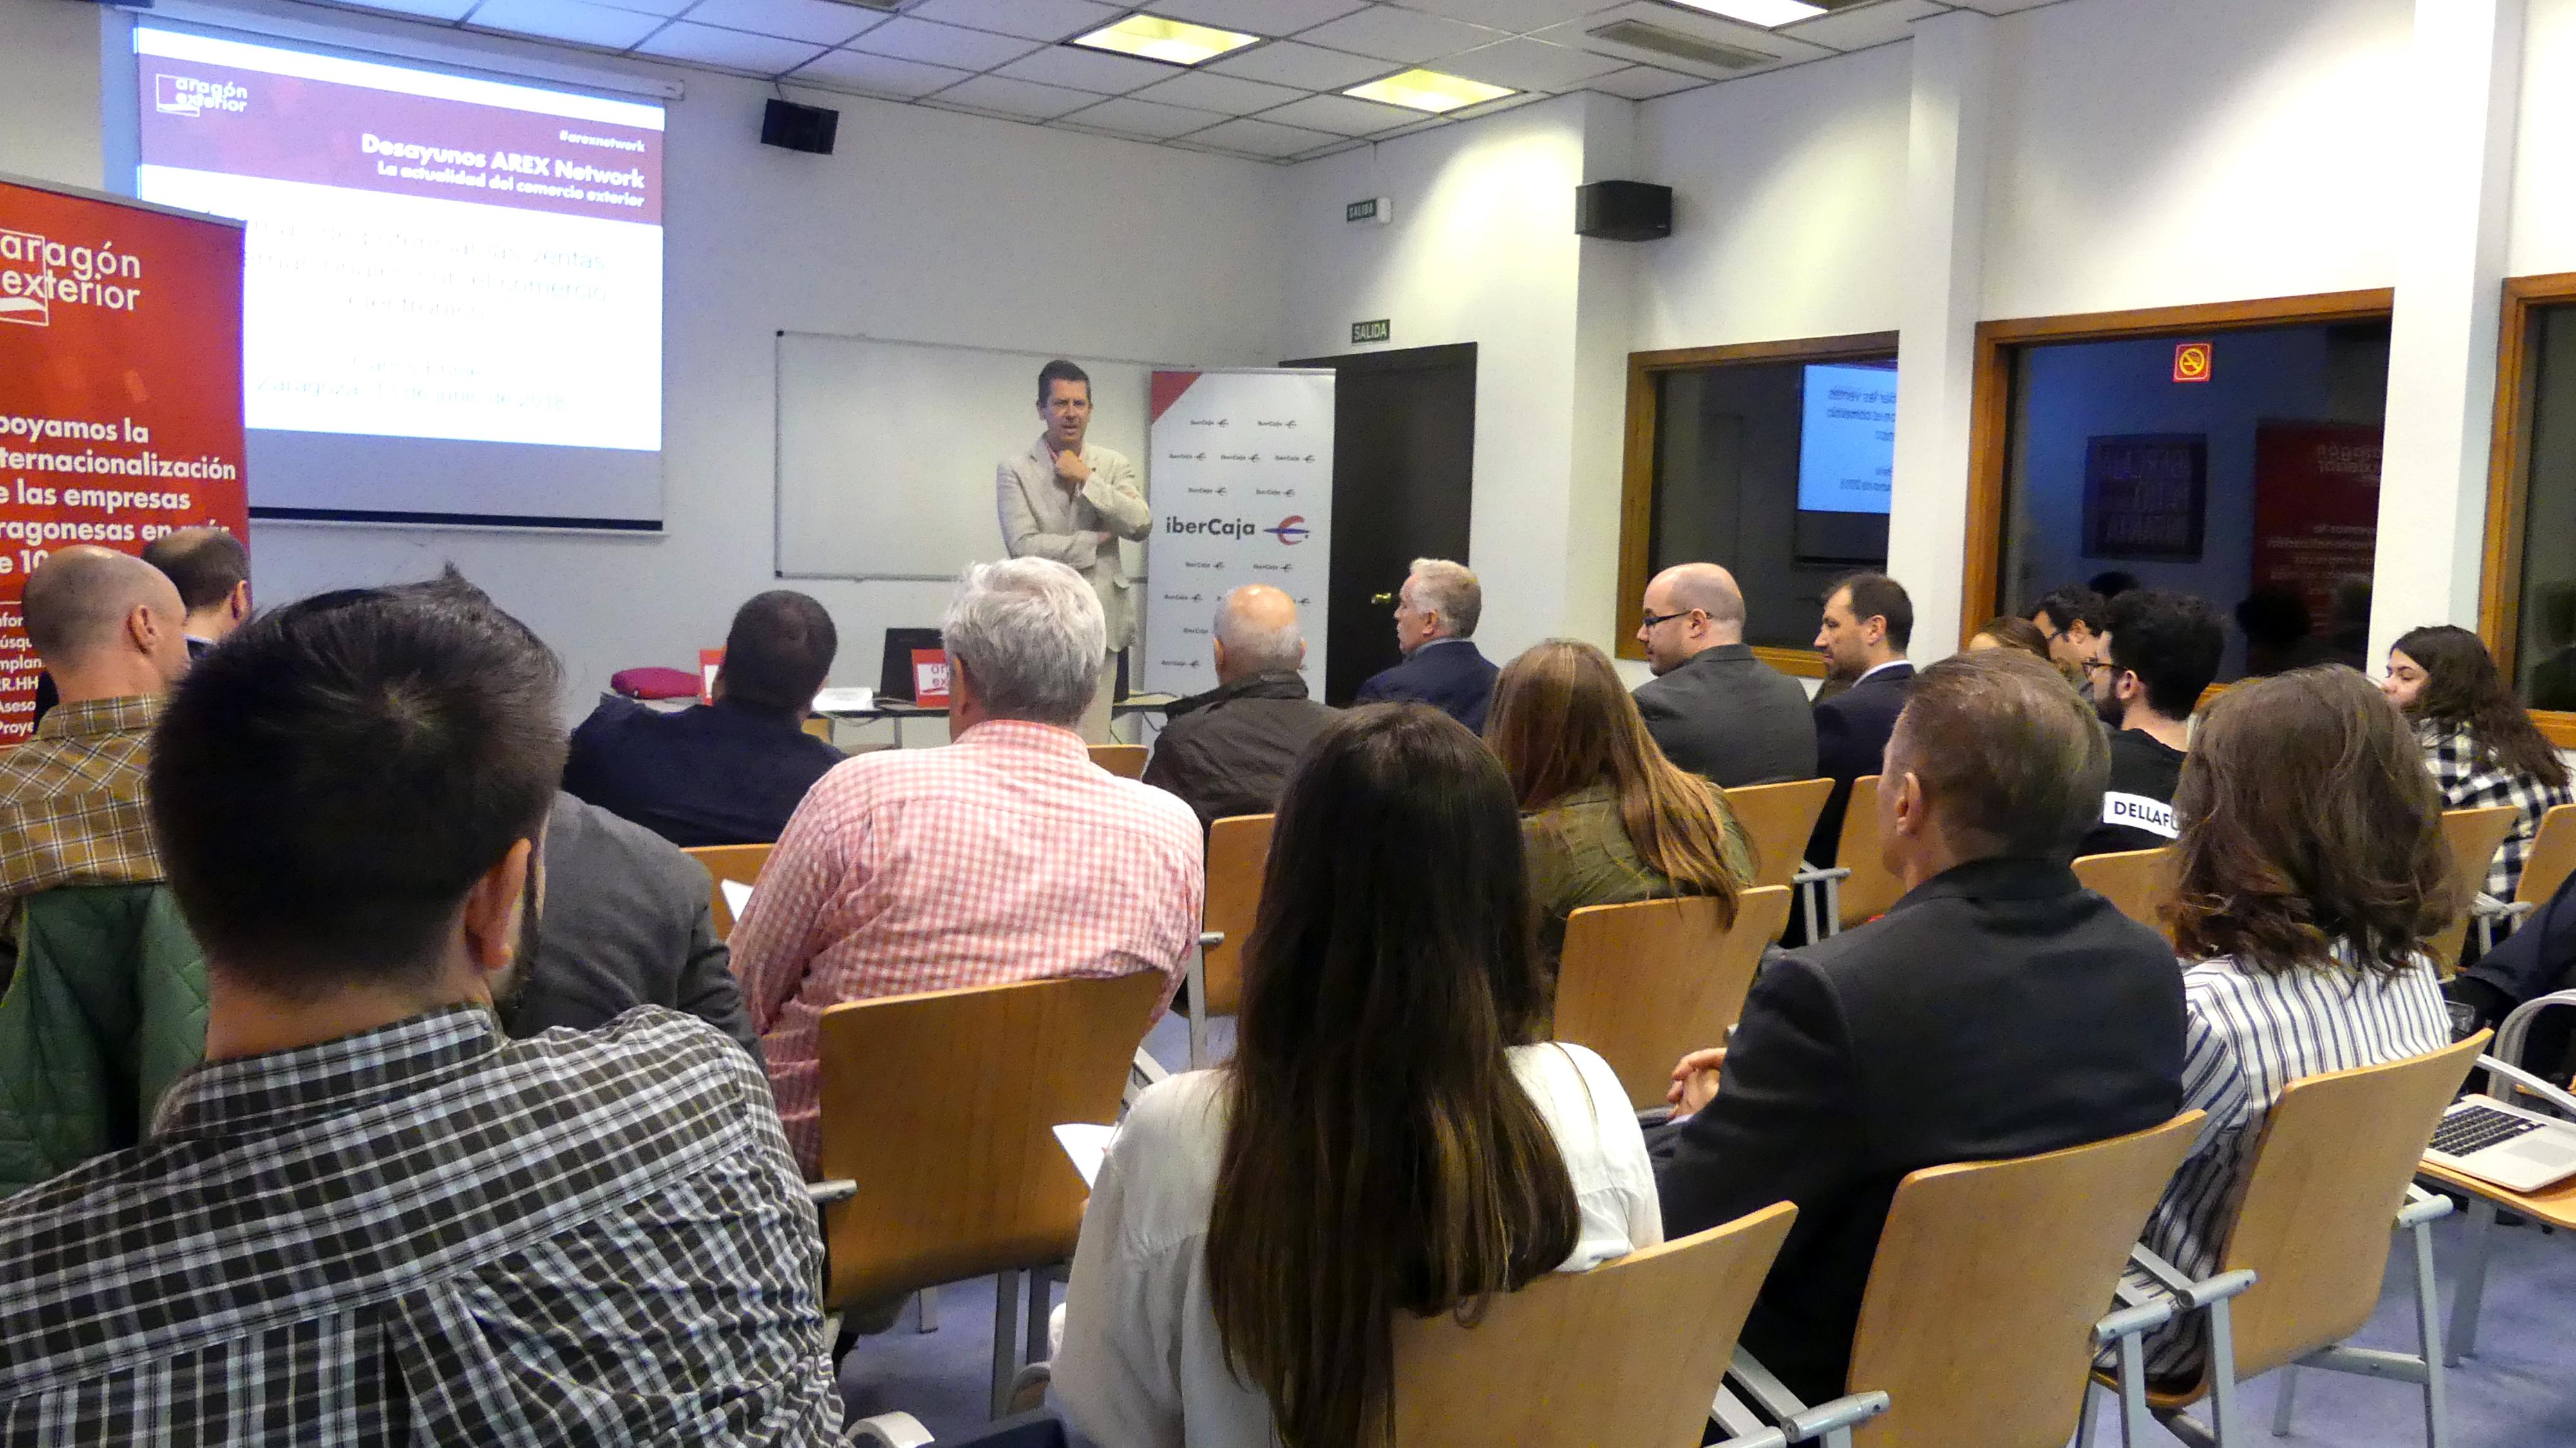 Aragón Exterior e Ibercaja renuevan el convenio para la promoción de los Desayunos Arex Network